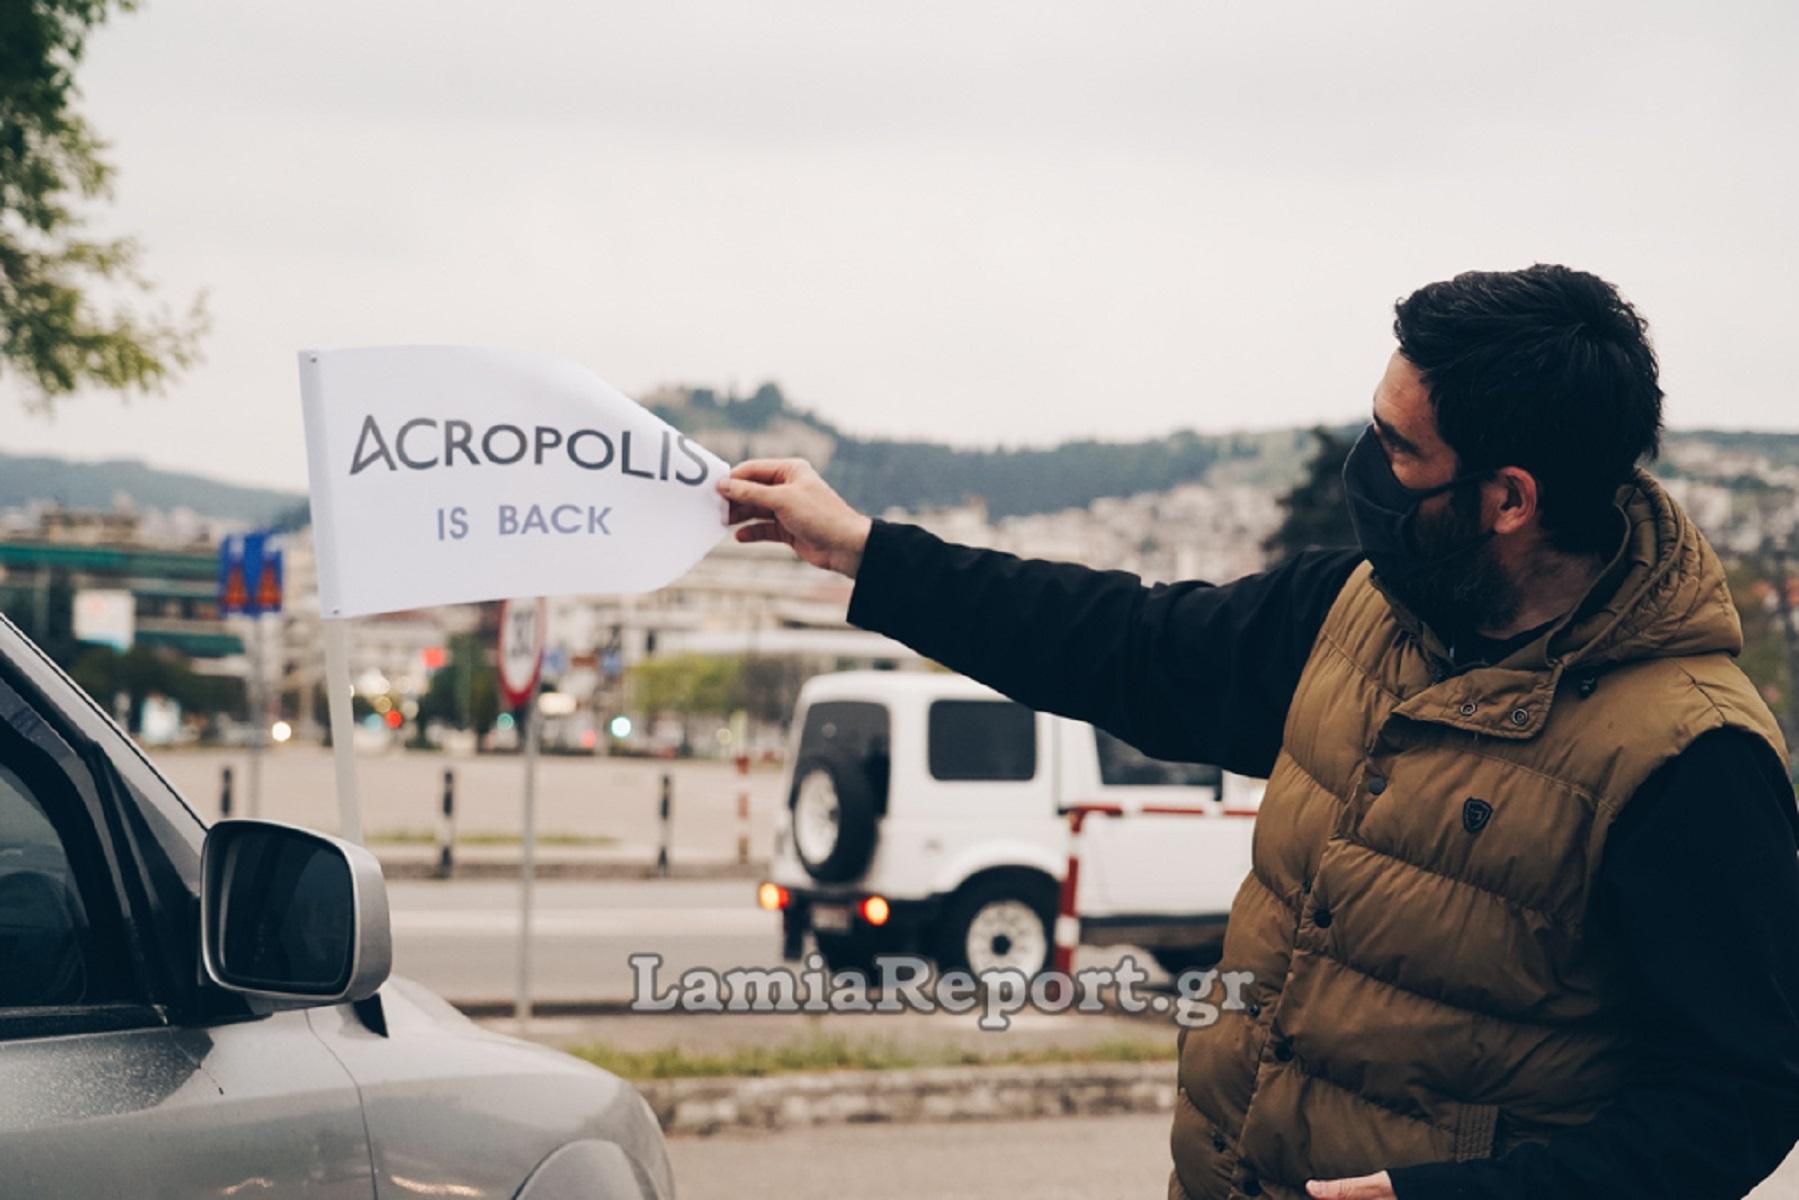 Ράλλυ Ακρόπολις: Γιορτή και αυθόρμητες εκδηλώσεις για την επιστροφή του μεγάλου αγώνα στη Λαμία